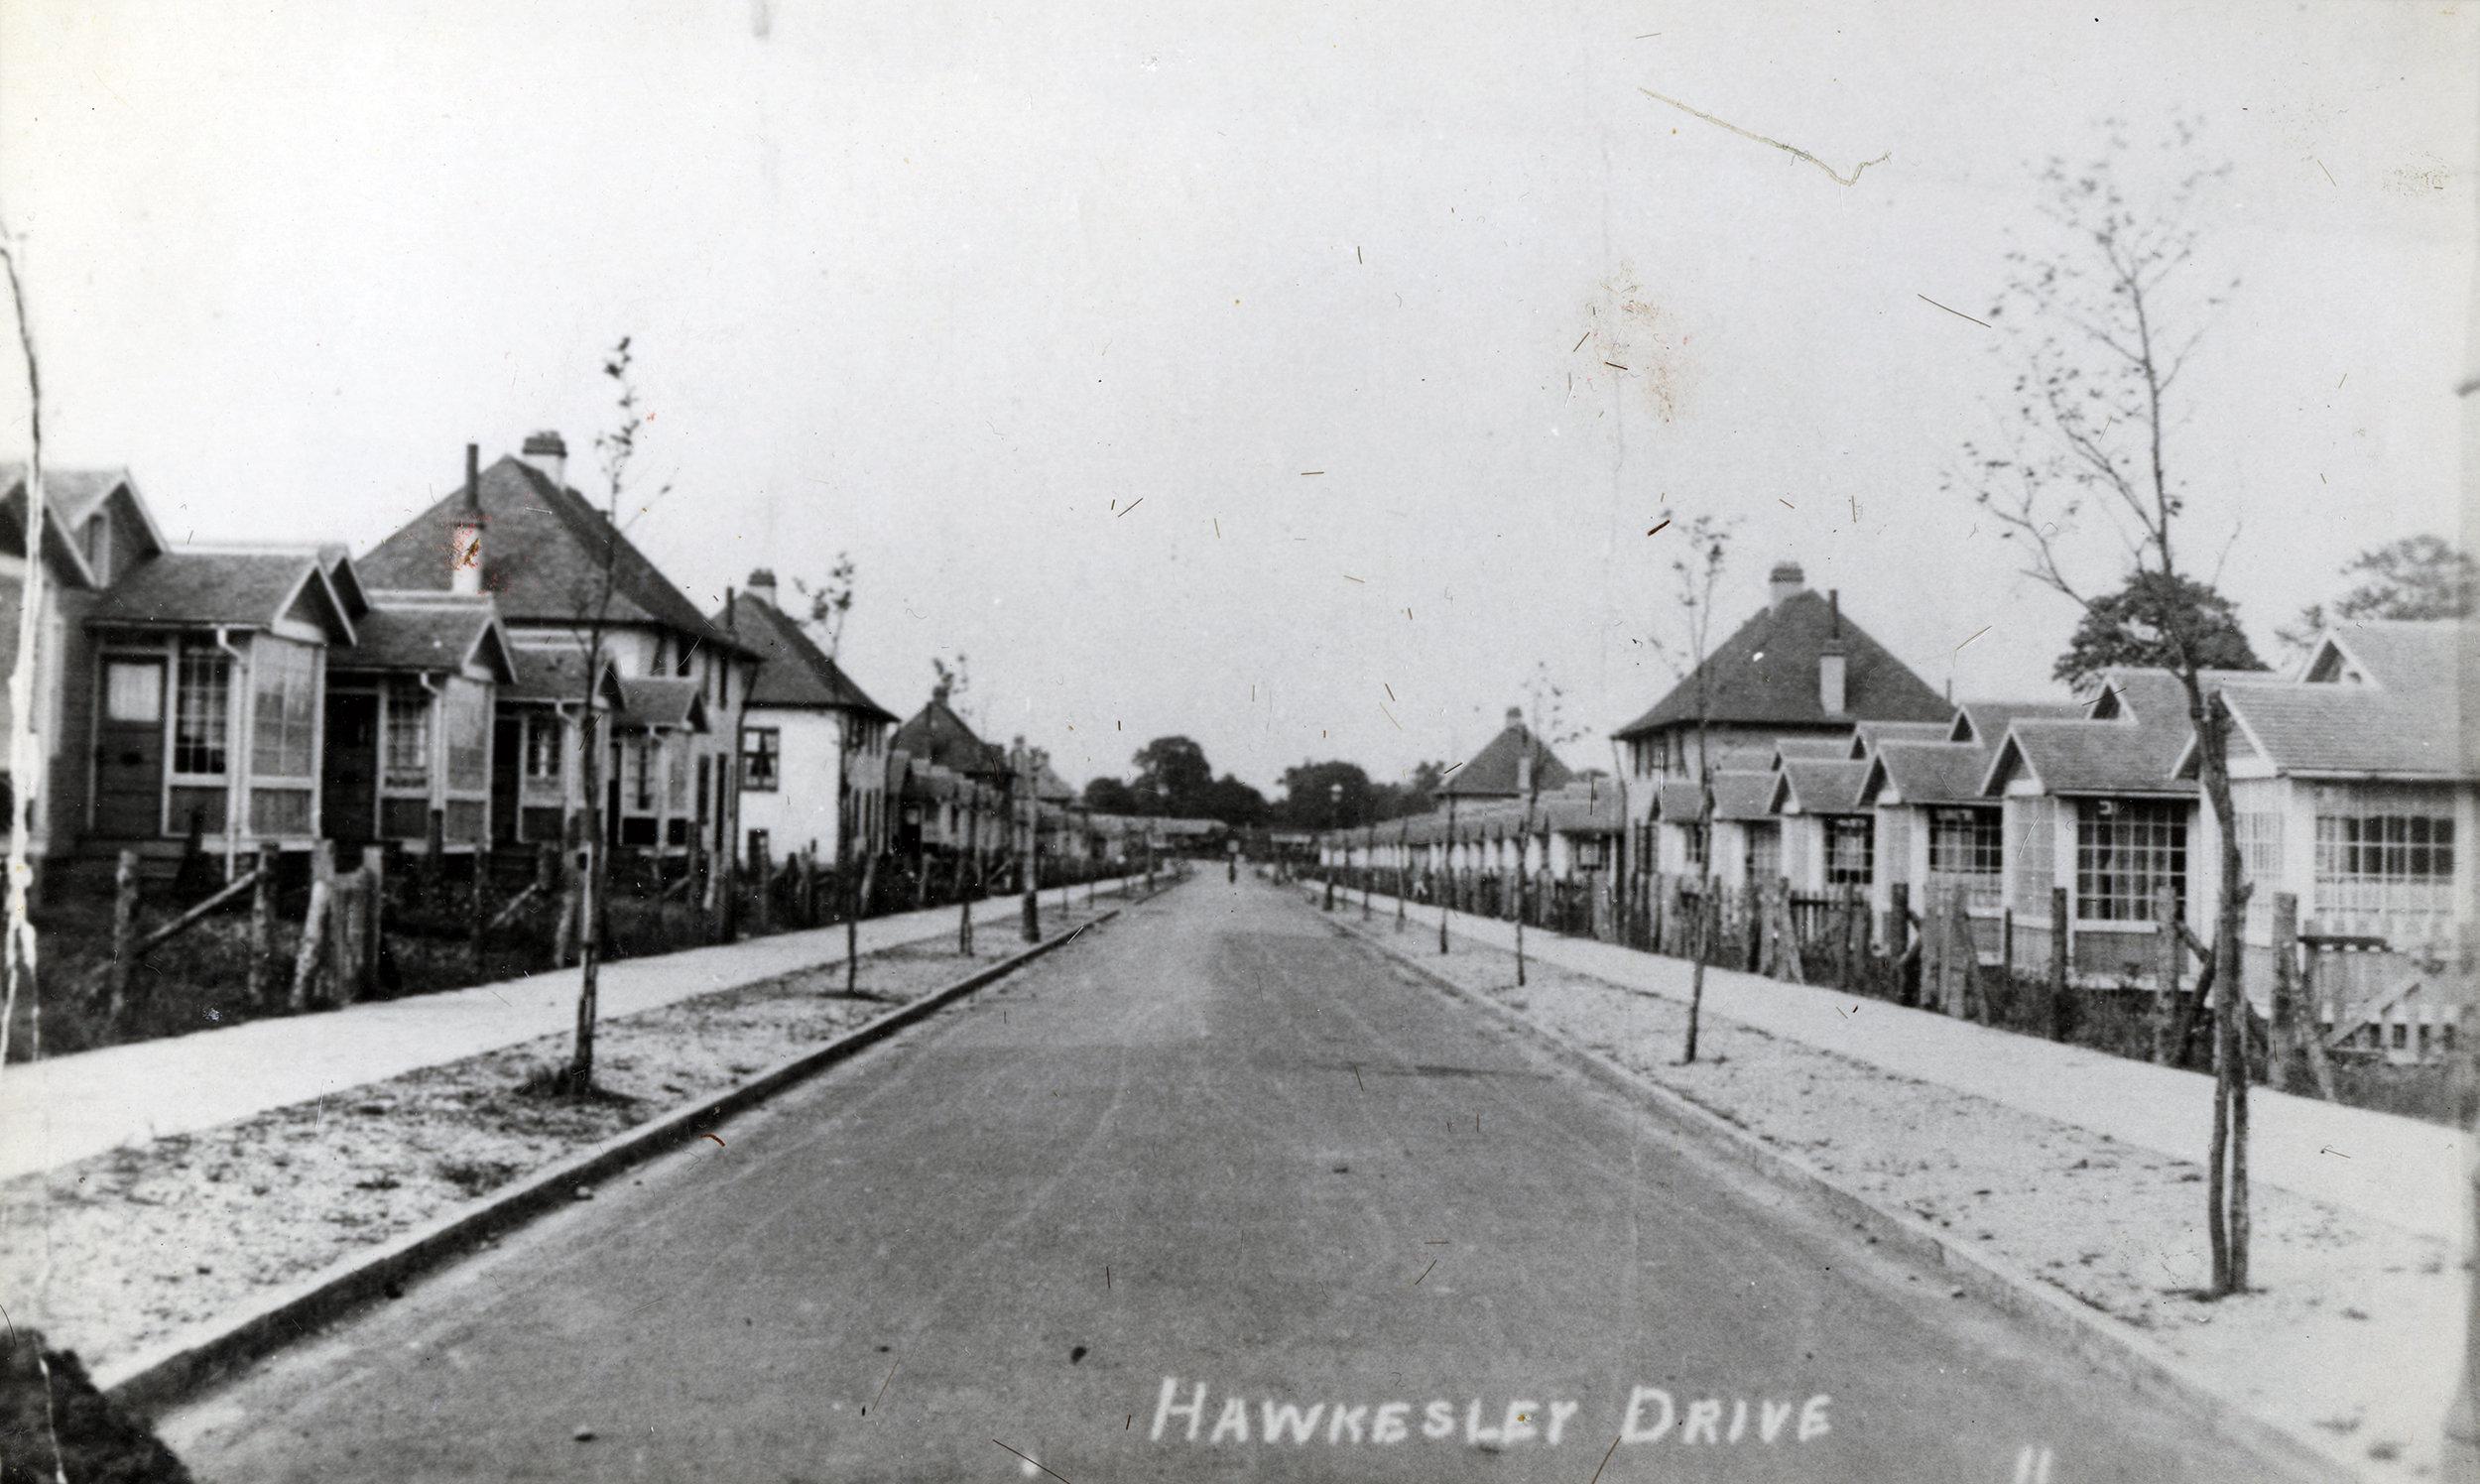 Hawkesley Drive, 1920's